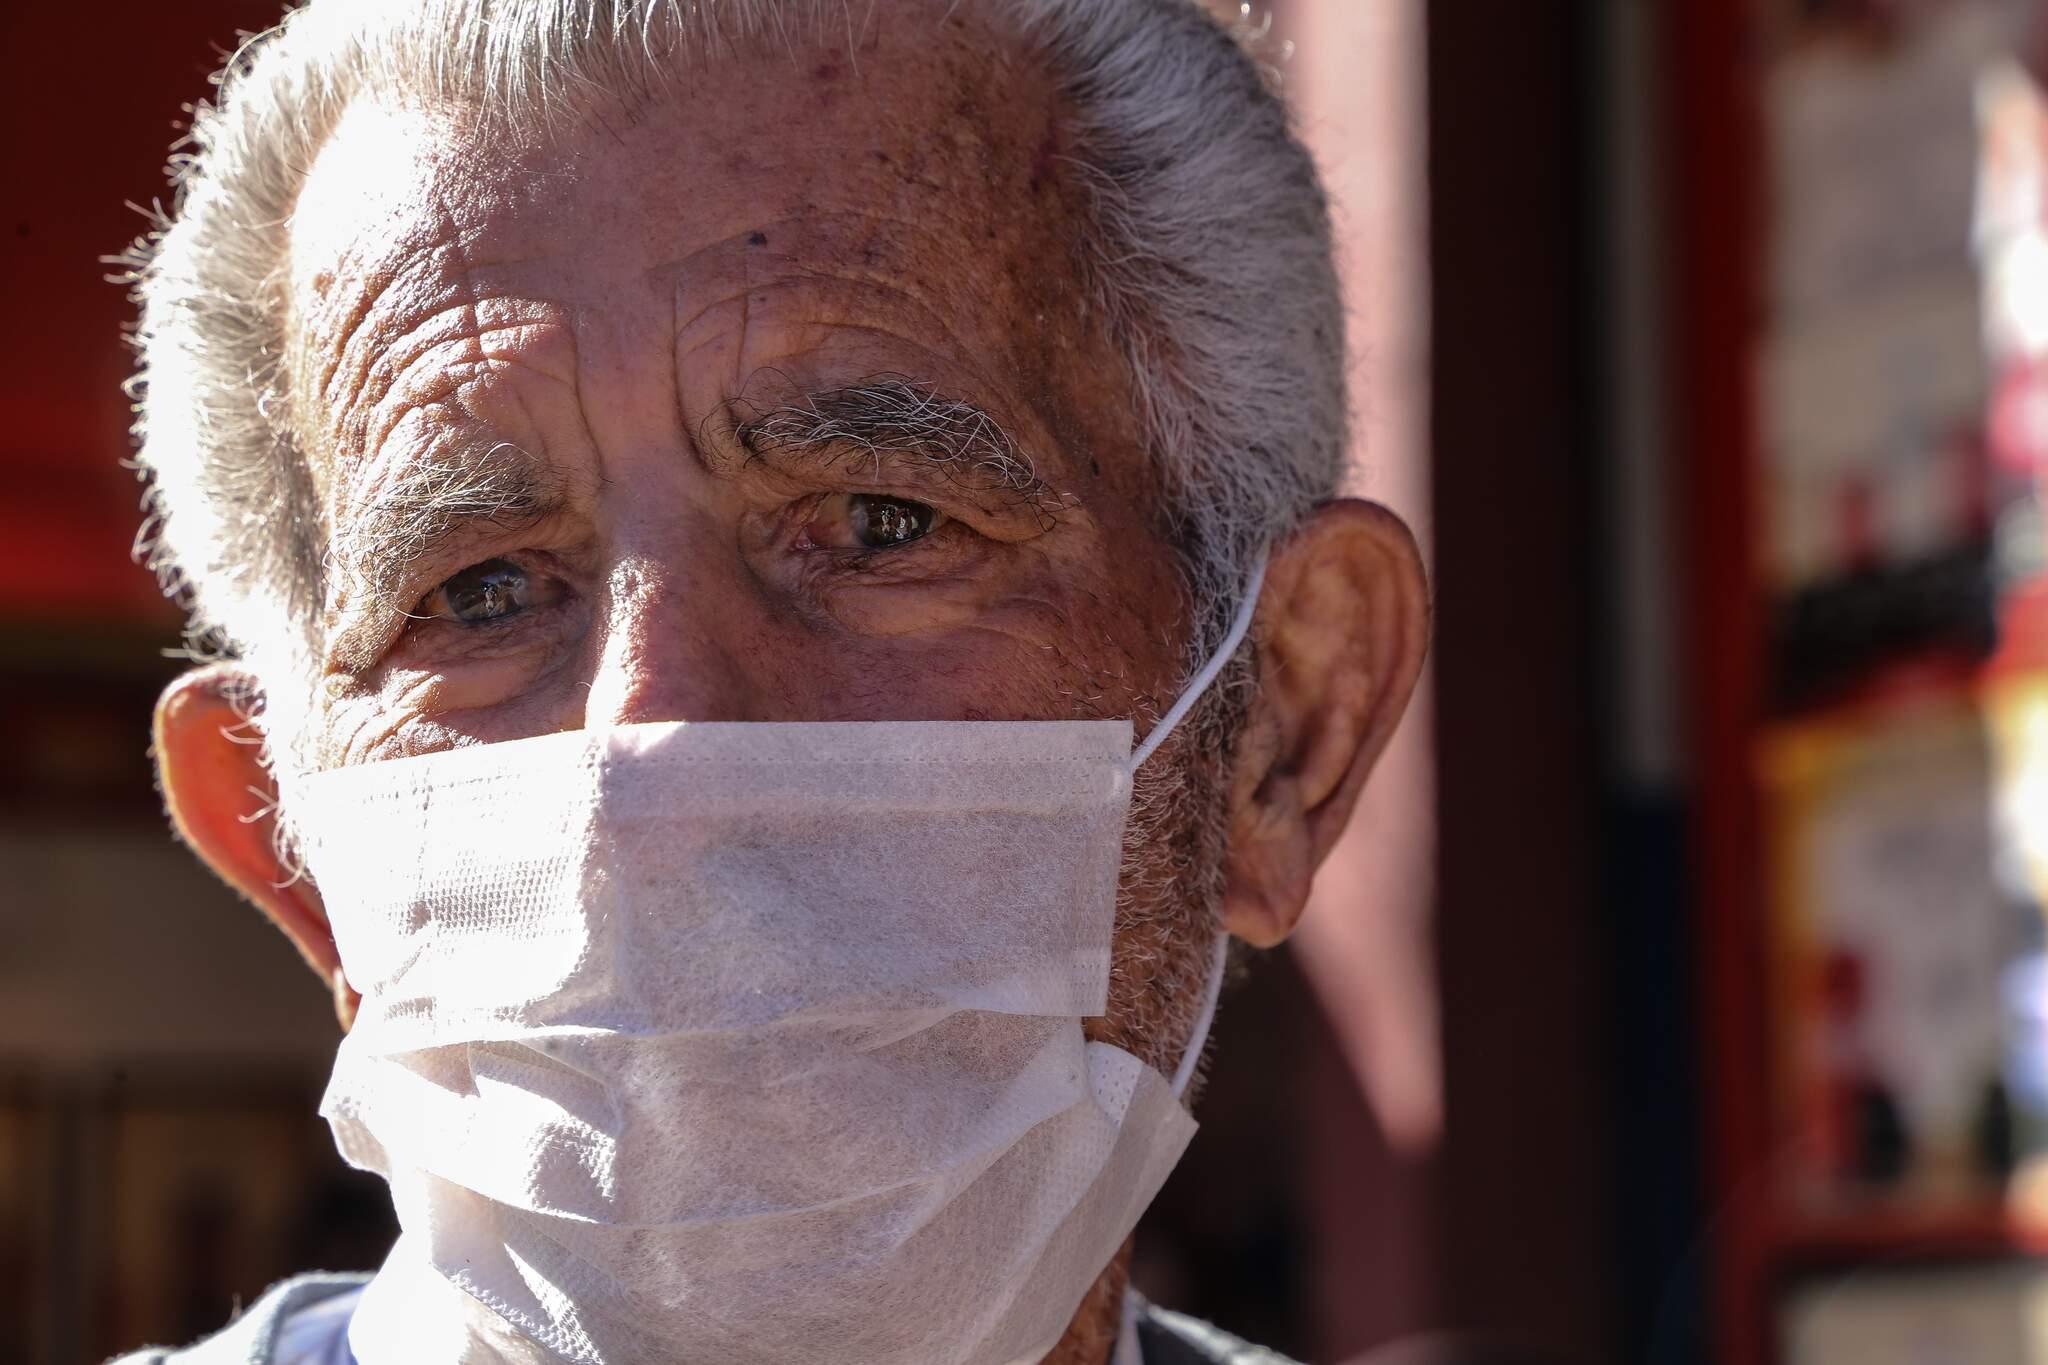 Armando Ibrahim, de 75 anos, sai de casa para trabalhar pelas ruas da Capital com objetivo de ampliar a renda (Foto: Kísie Ainoã)